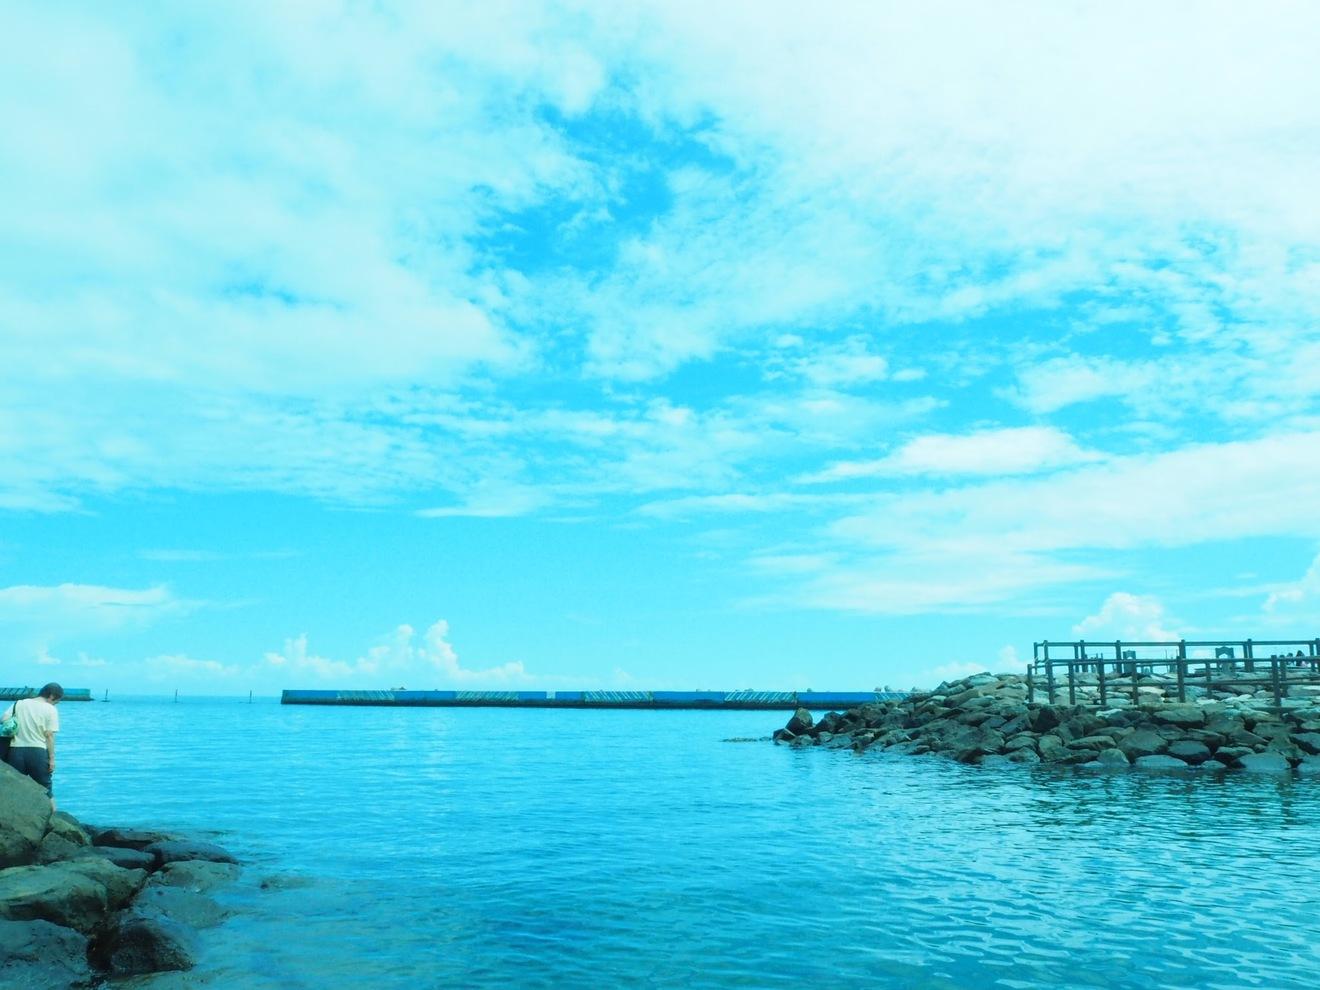 沖縄返還までの道のりが5分でわかる!返還前の生活や密約なども簡単に解説!